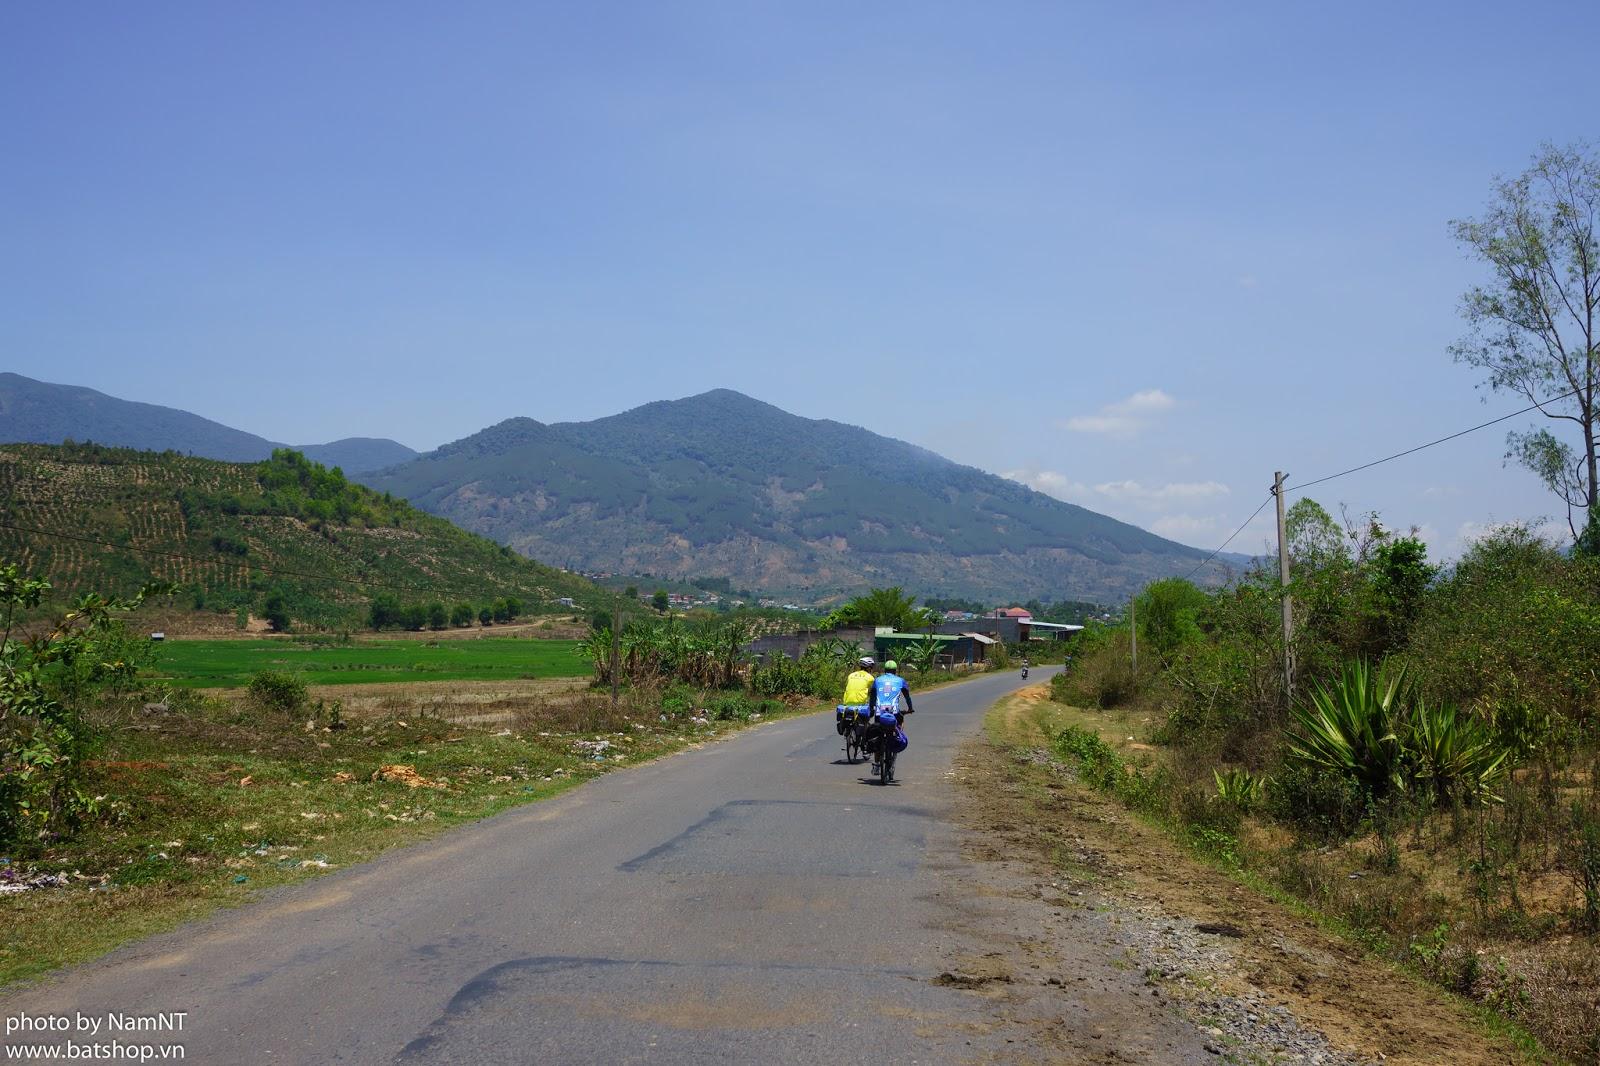 Kinh nghiệm du lịch Di Linh, Lâm Đồng: Nhiều điểm đẹp không tưởng